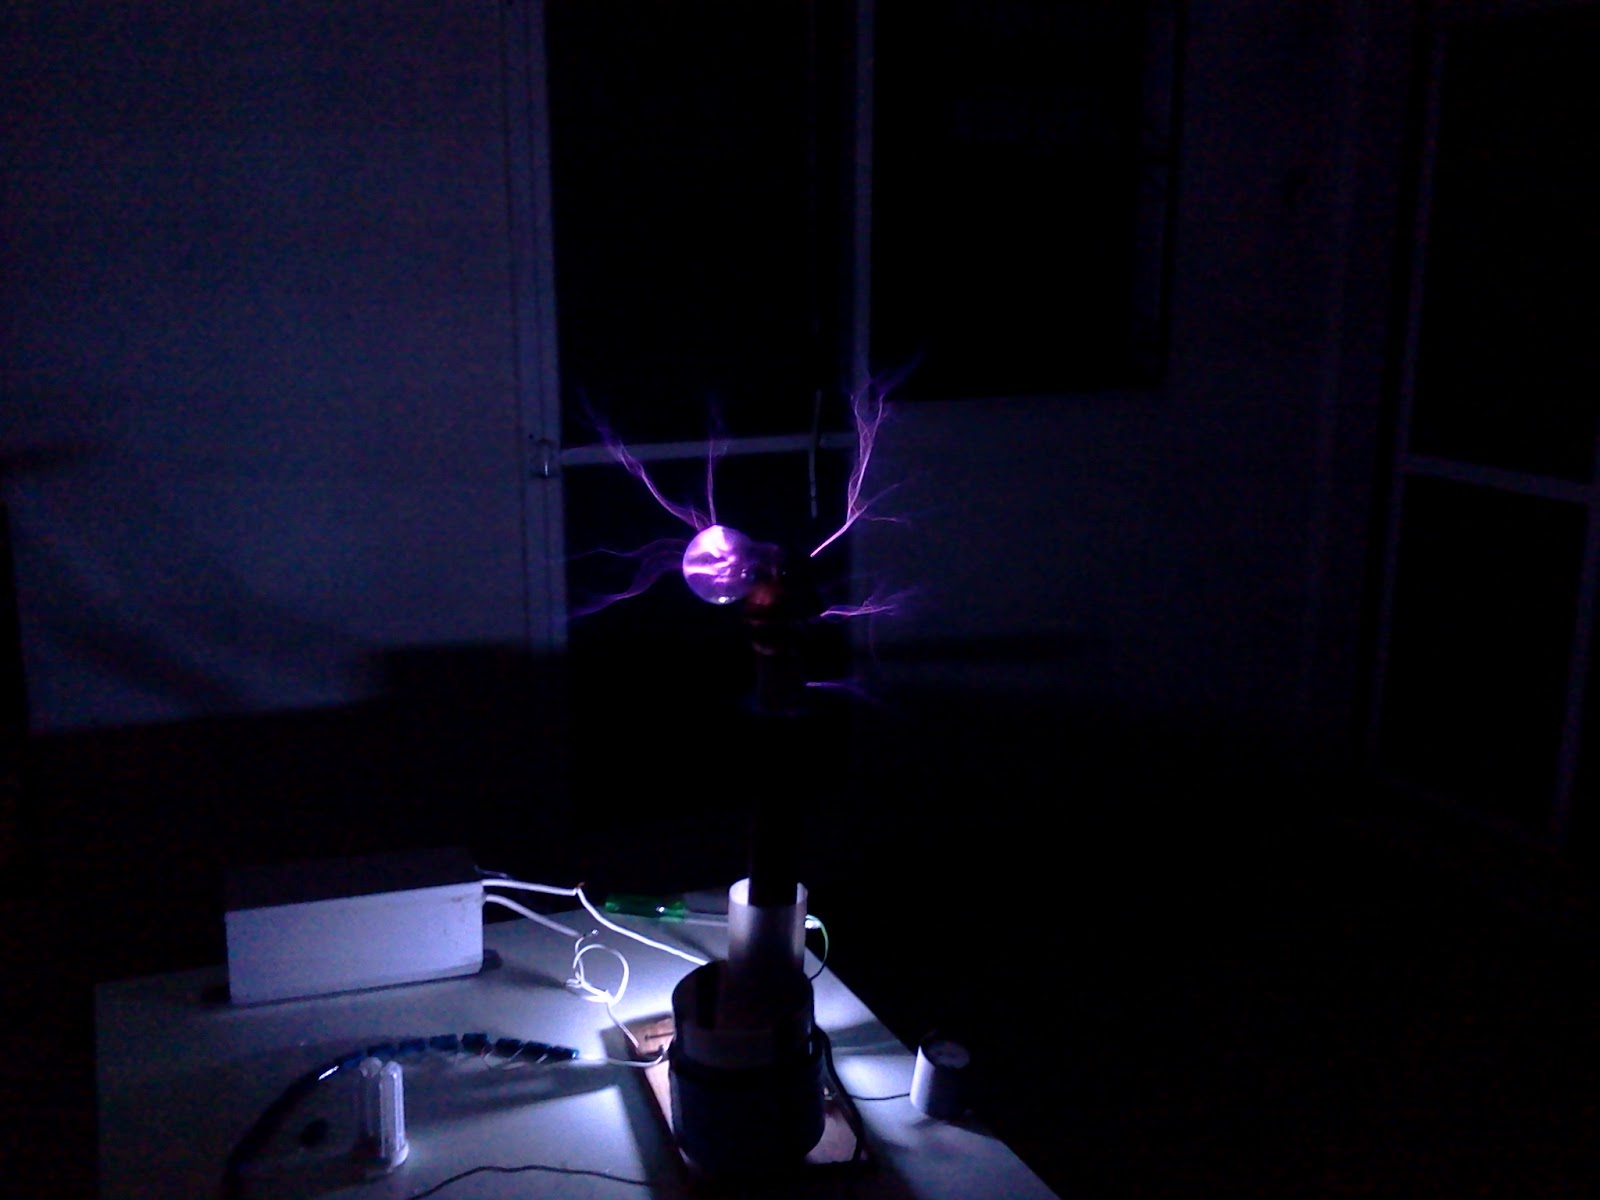 Electgpl Electrónica Bobina Tesla Tesla Coil